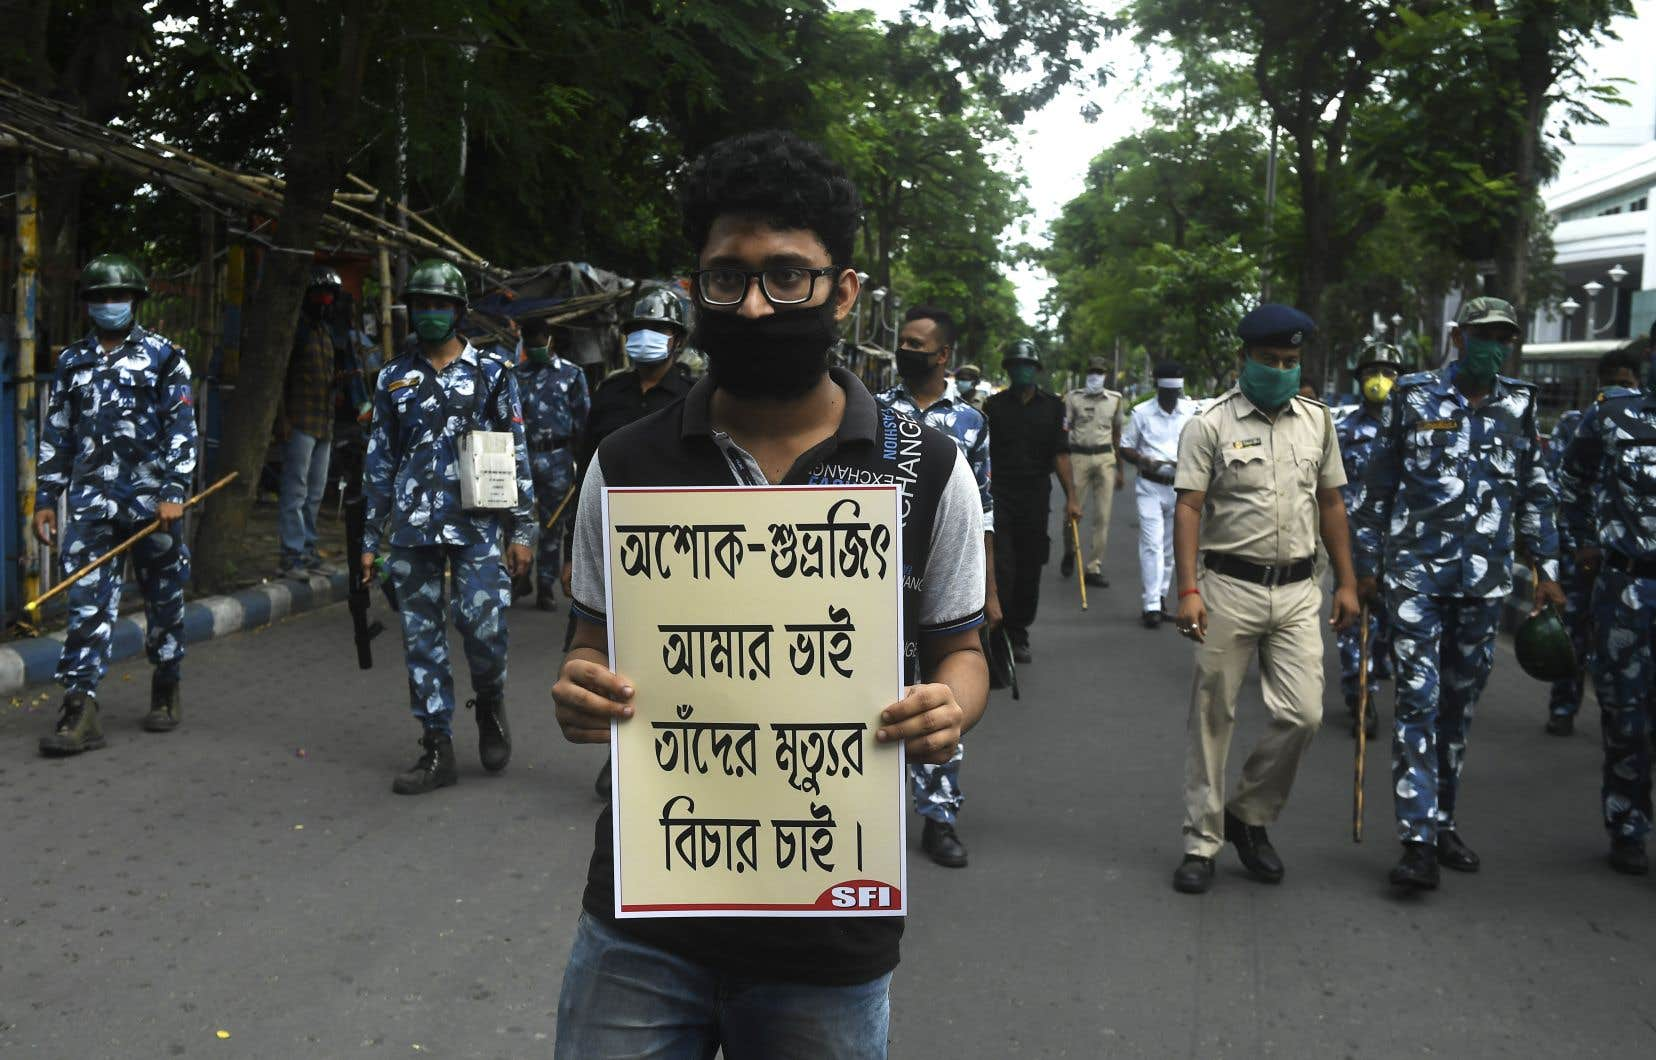 Un étudiant a pris part à une manifestation, mardi, à Kolkata, en Inde, pour protester contre l'incapacité du gouvernement d'enrayer la propagation de la COVID-19 dans le pays.